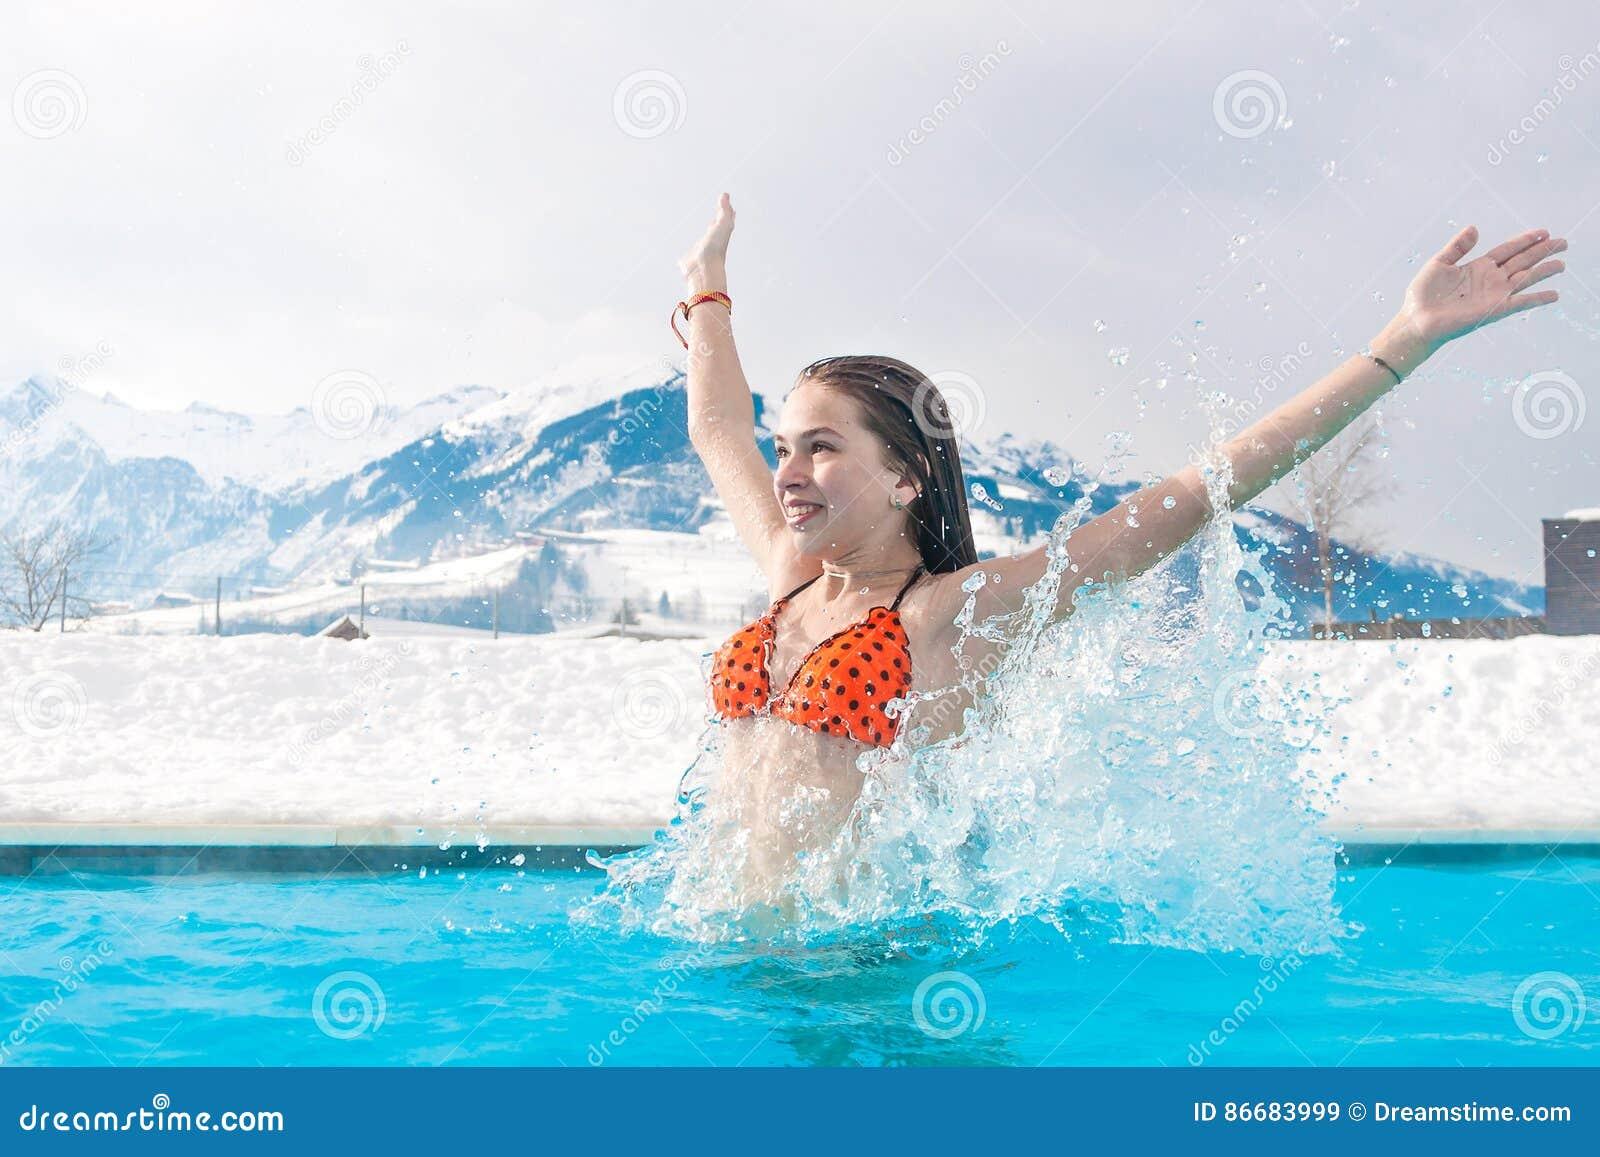 Geotermiczny zdrój Dziewczyna cieszy się dopłynięcie w błękitne wody na tle śnieżne góry